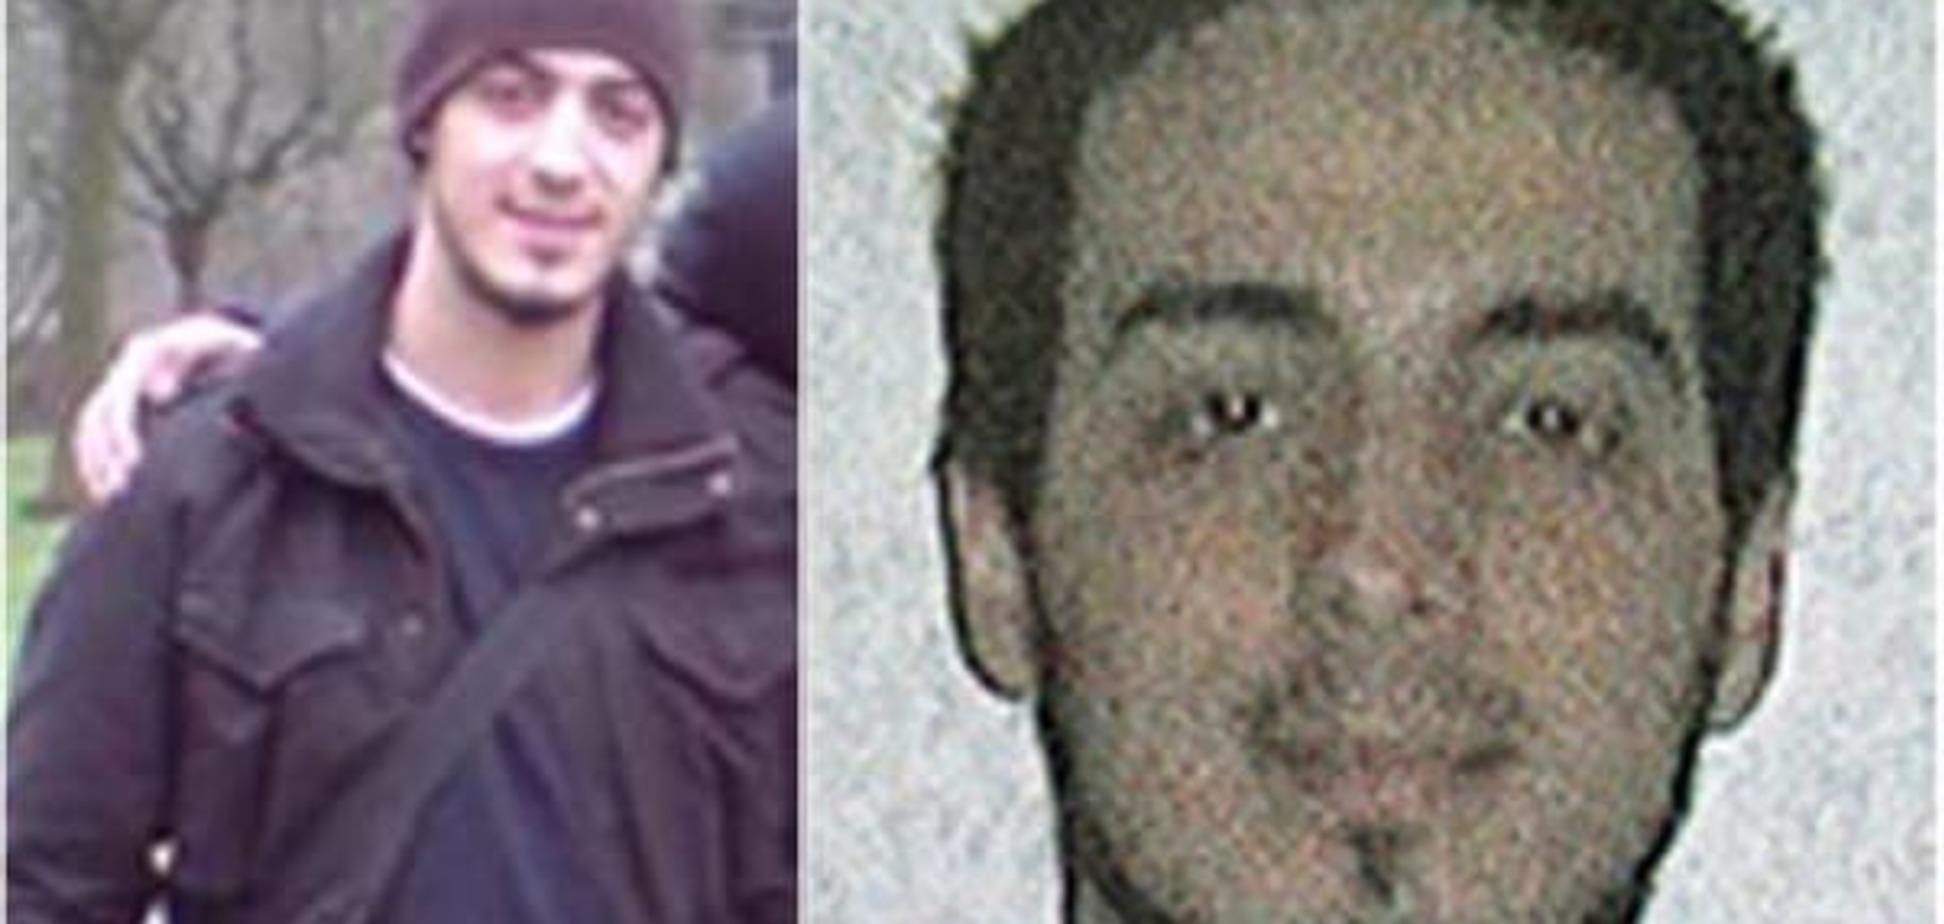 Був причетний до терактів в Парижі: ідентифікований другий смертник з аеропорту Брюсселя